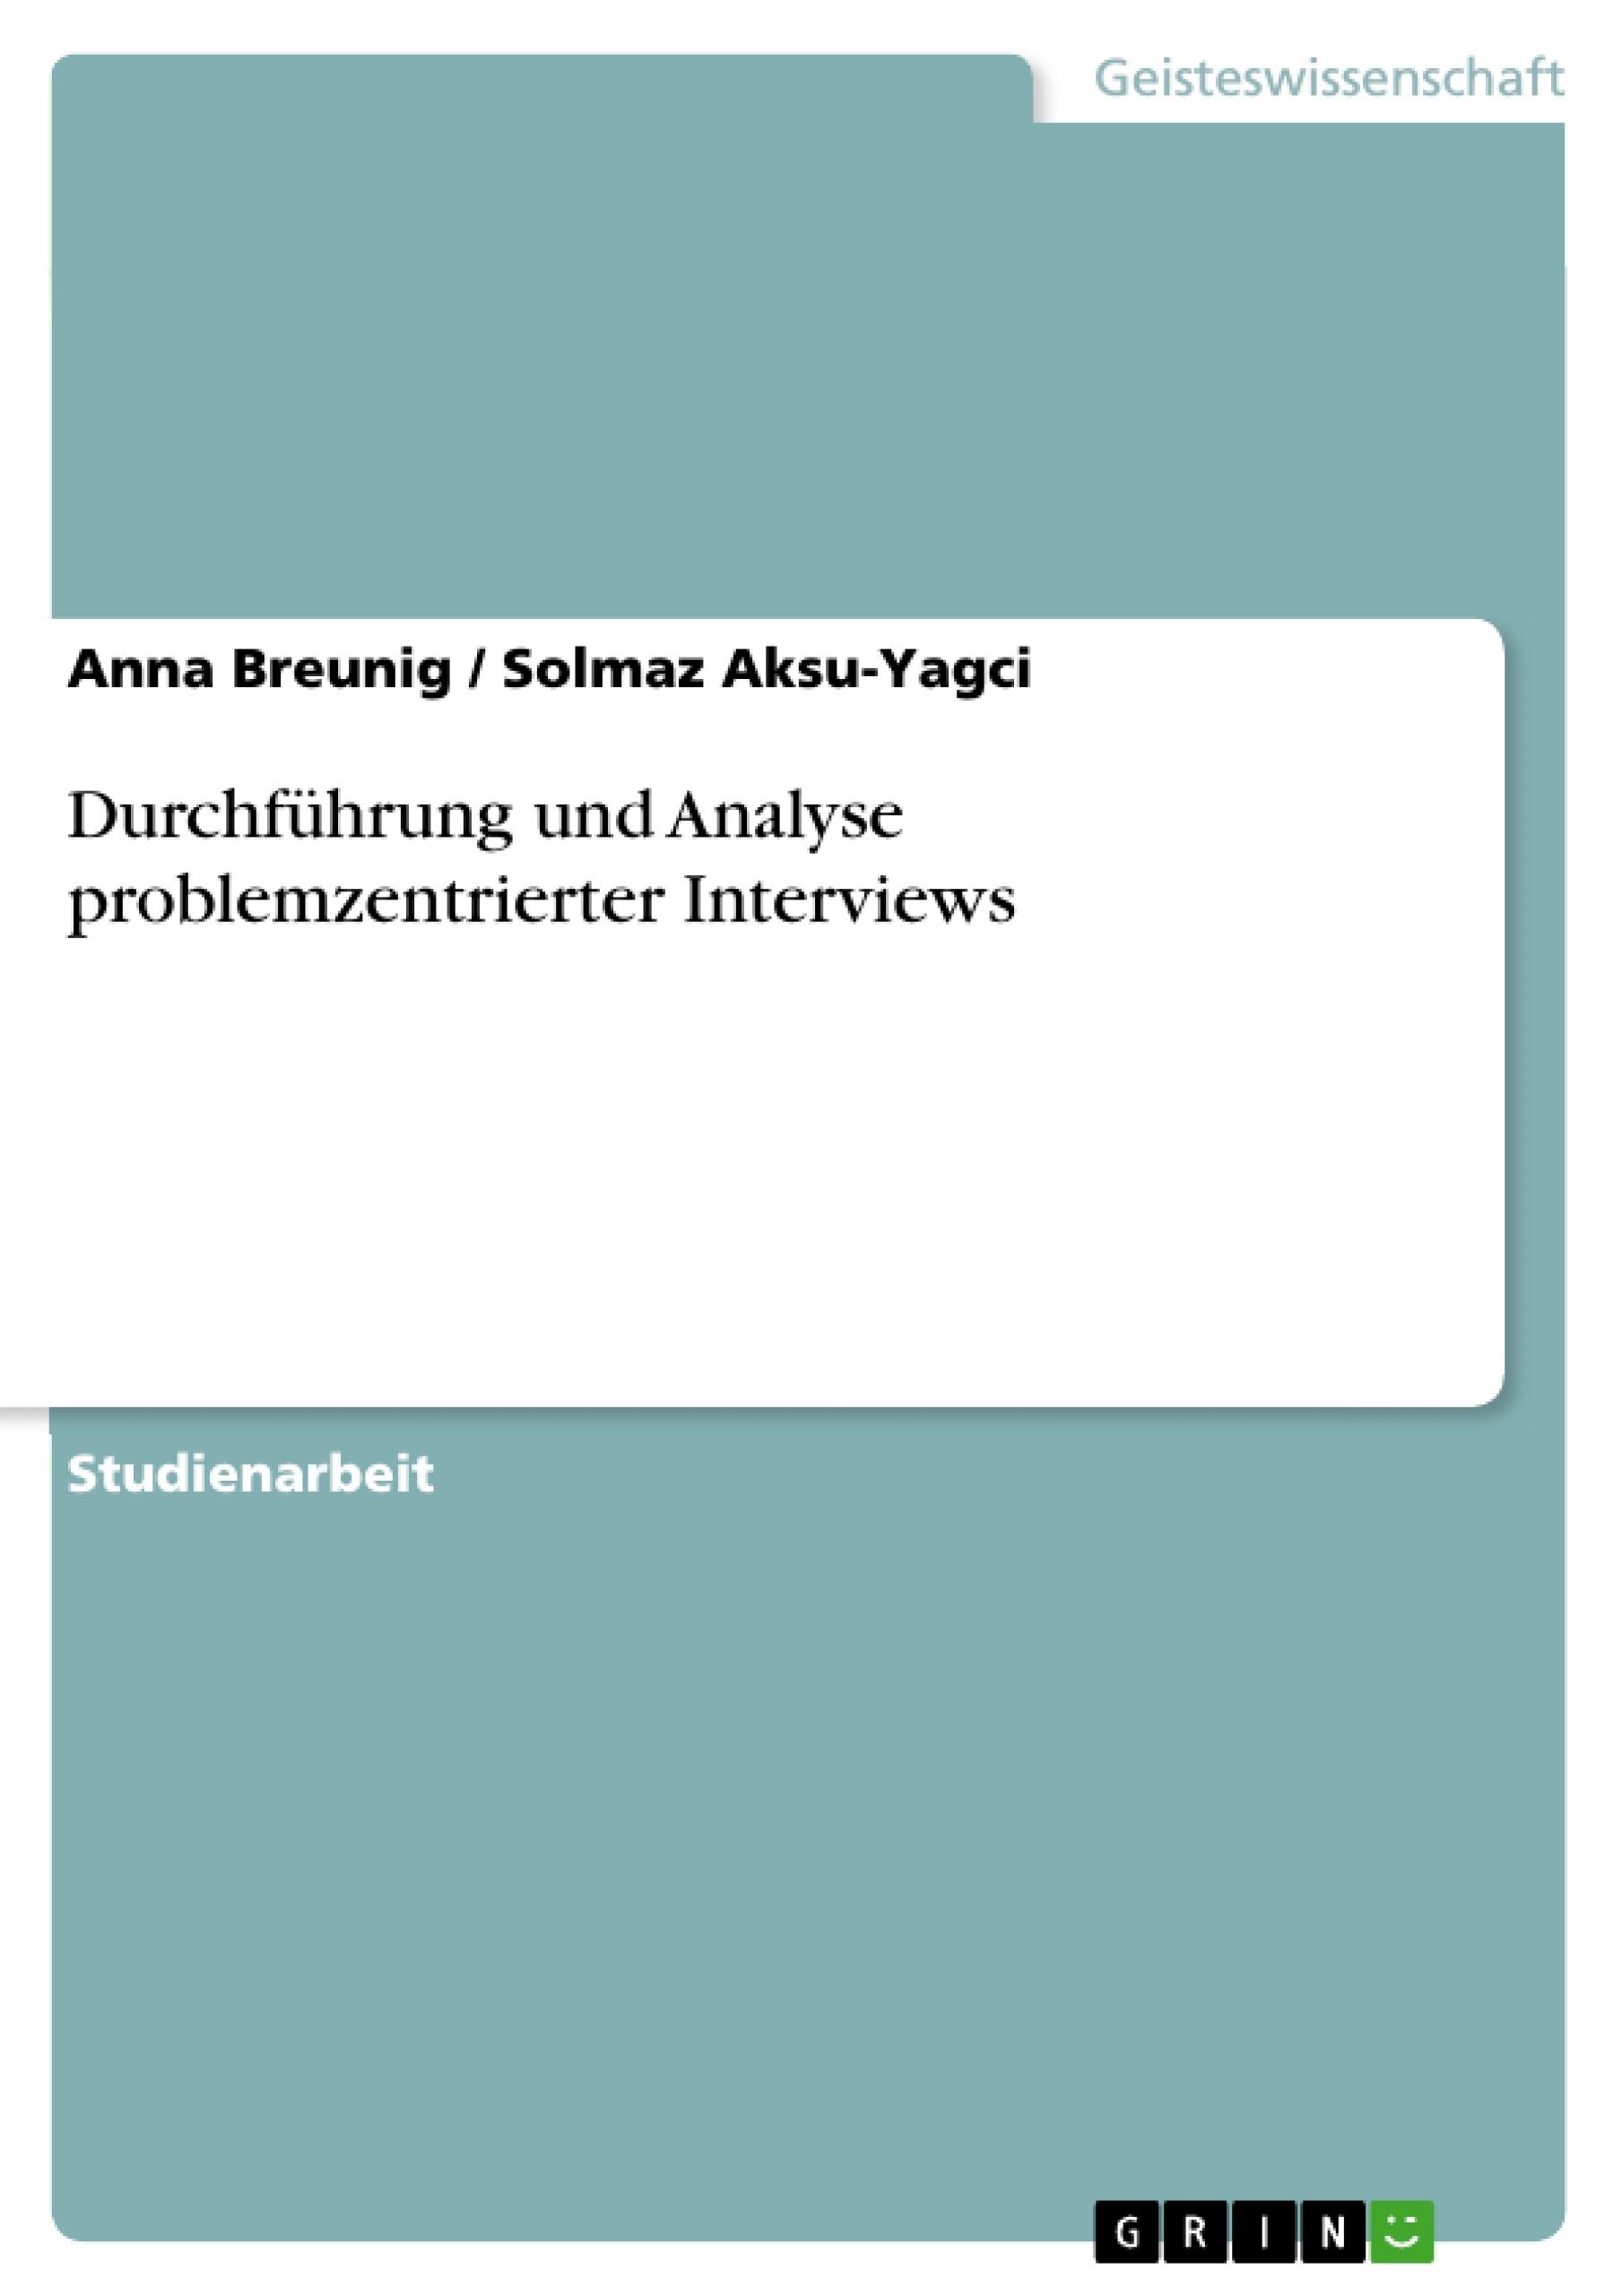 Titel: Durchführung und Analyse problemzentrierter Interviews